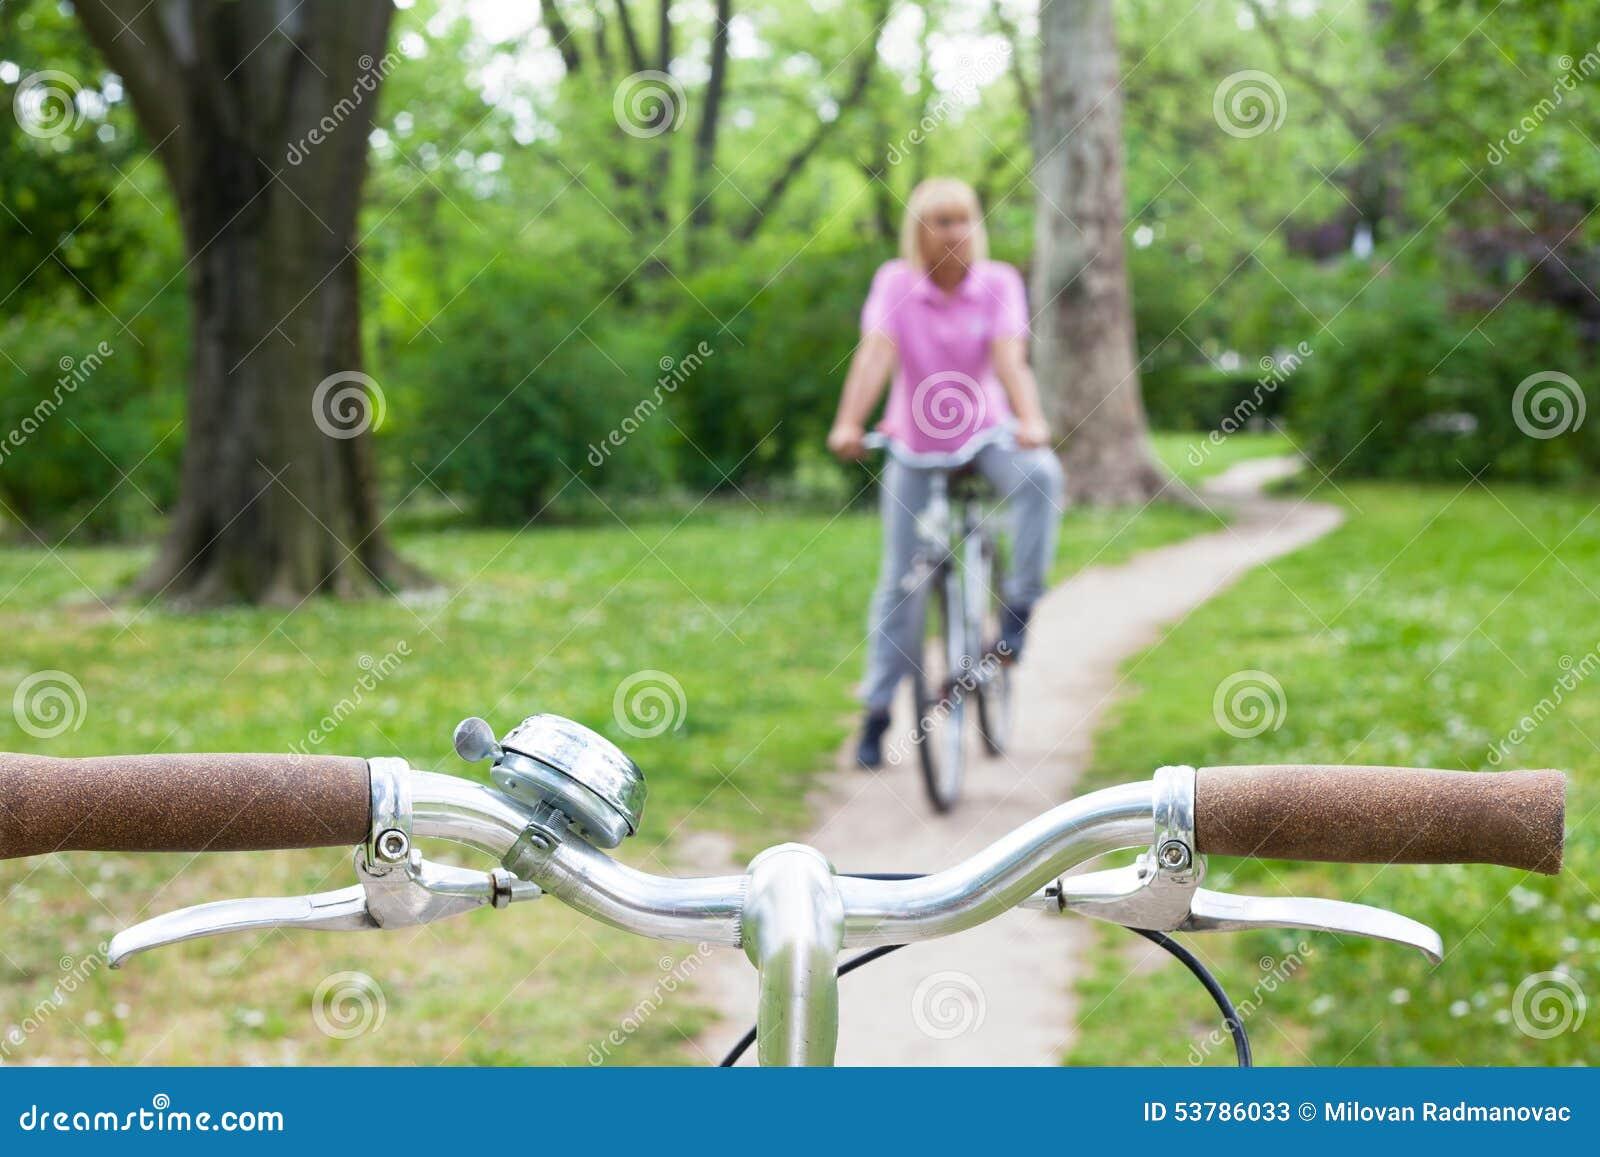 Starsza kobieta na bicyklu